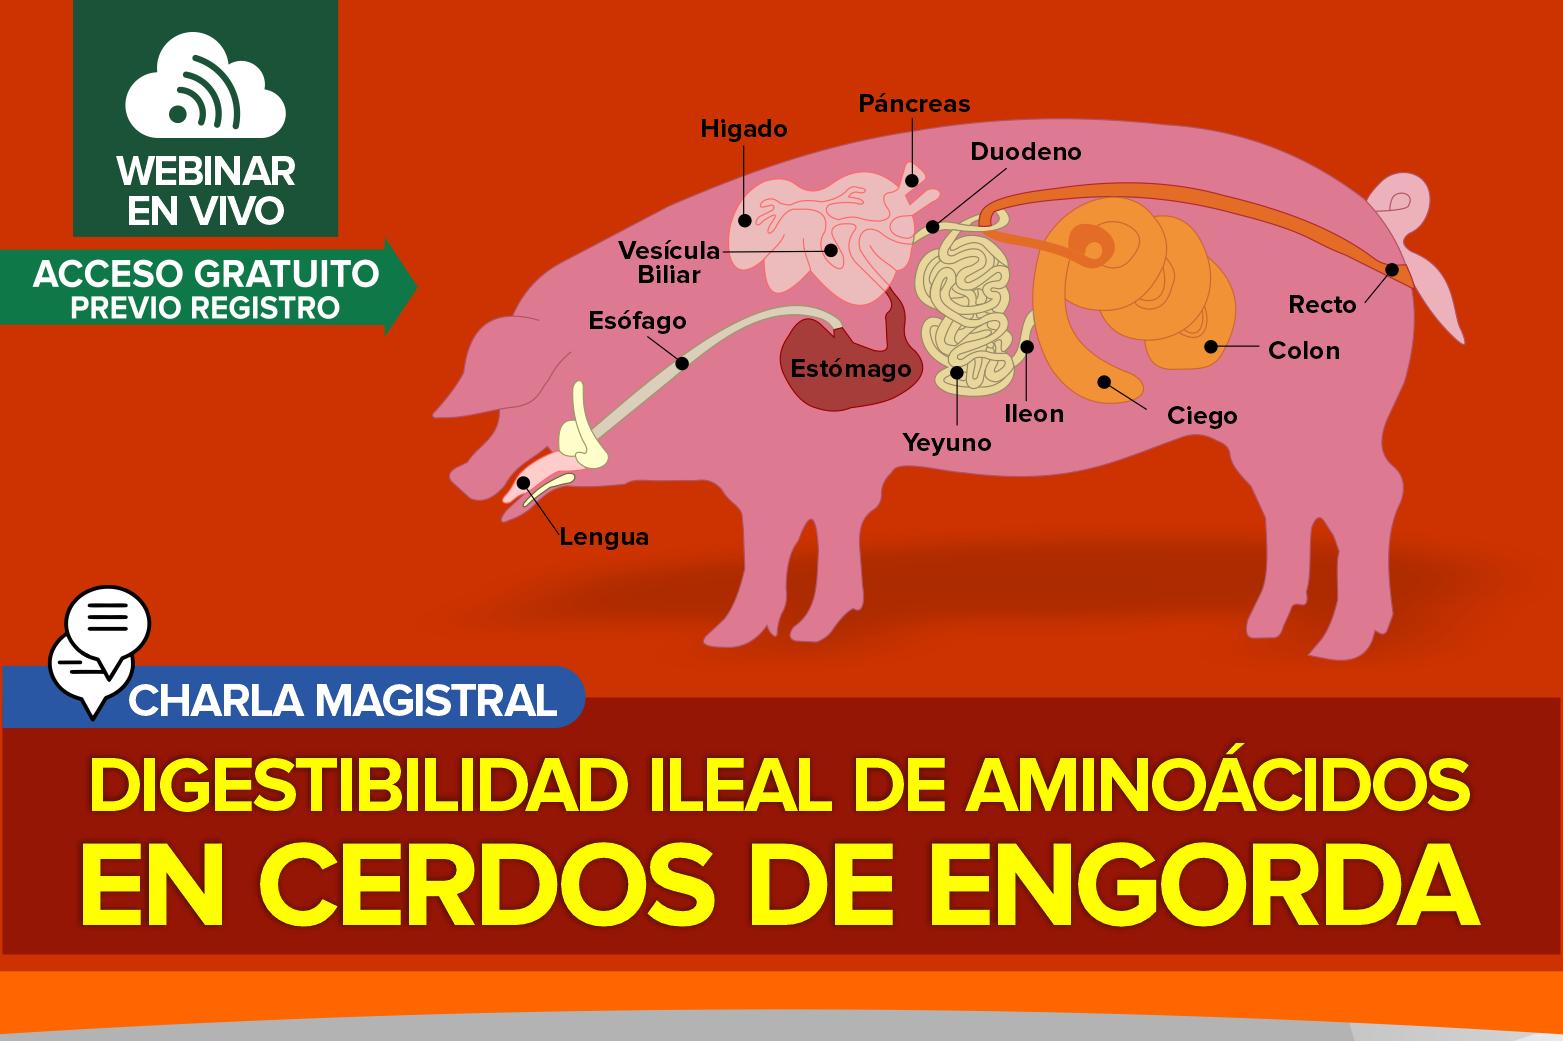 Digestibilidad Ileal de Aminoácidos en Cerdos de Engorda